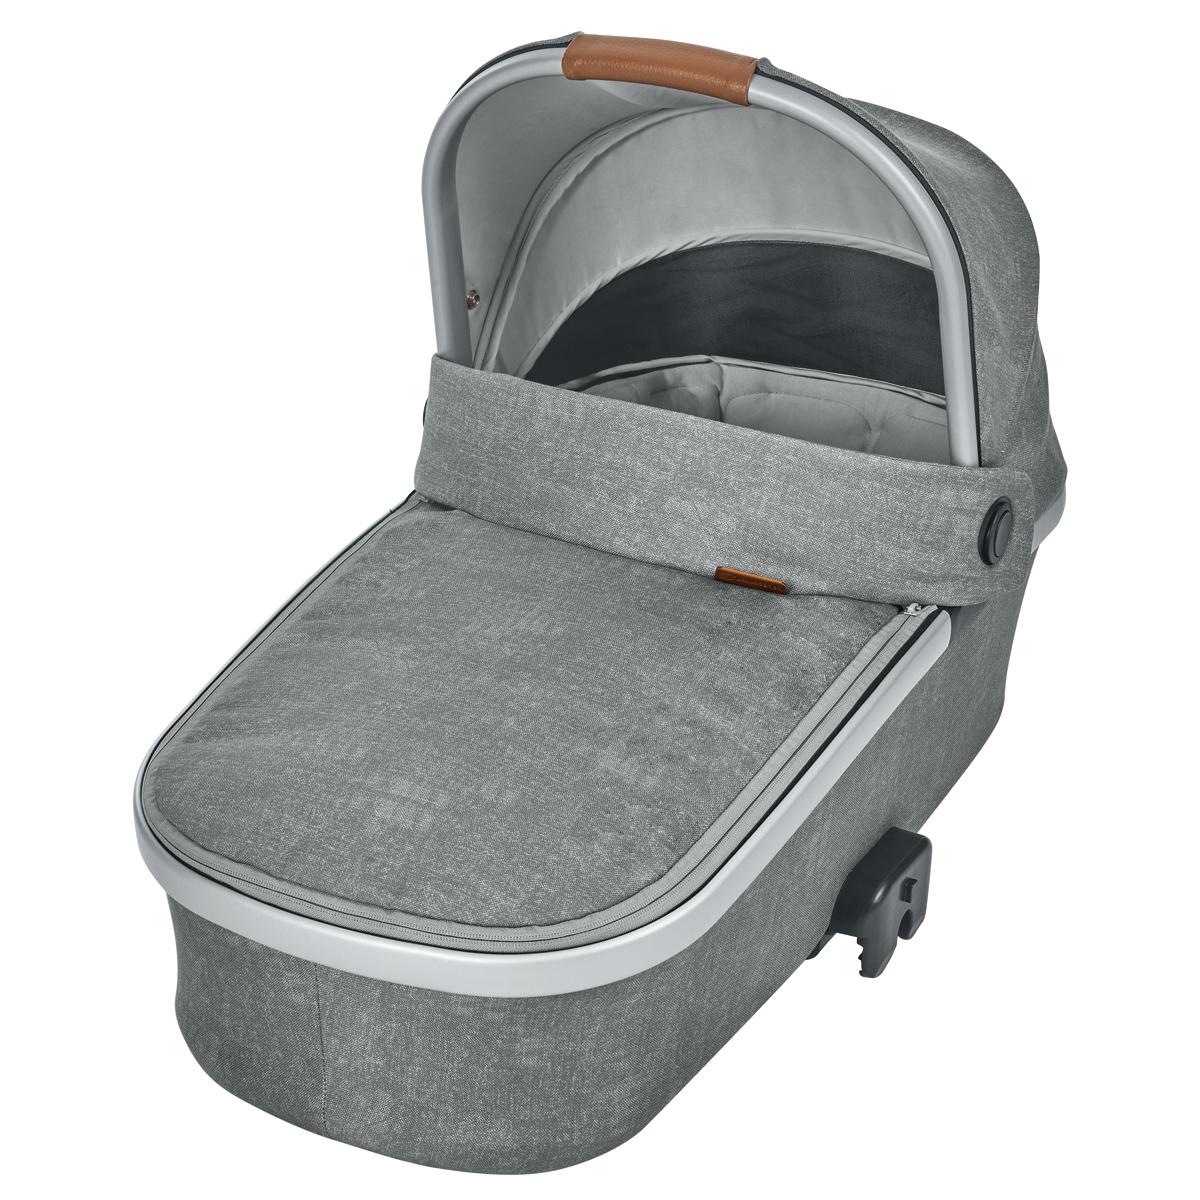 b b confort nacelle oria nomad grey nacelle b b. Black Bedroom Furniture Sets. Home Design Ideas